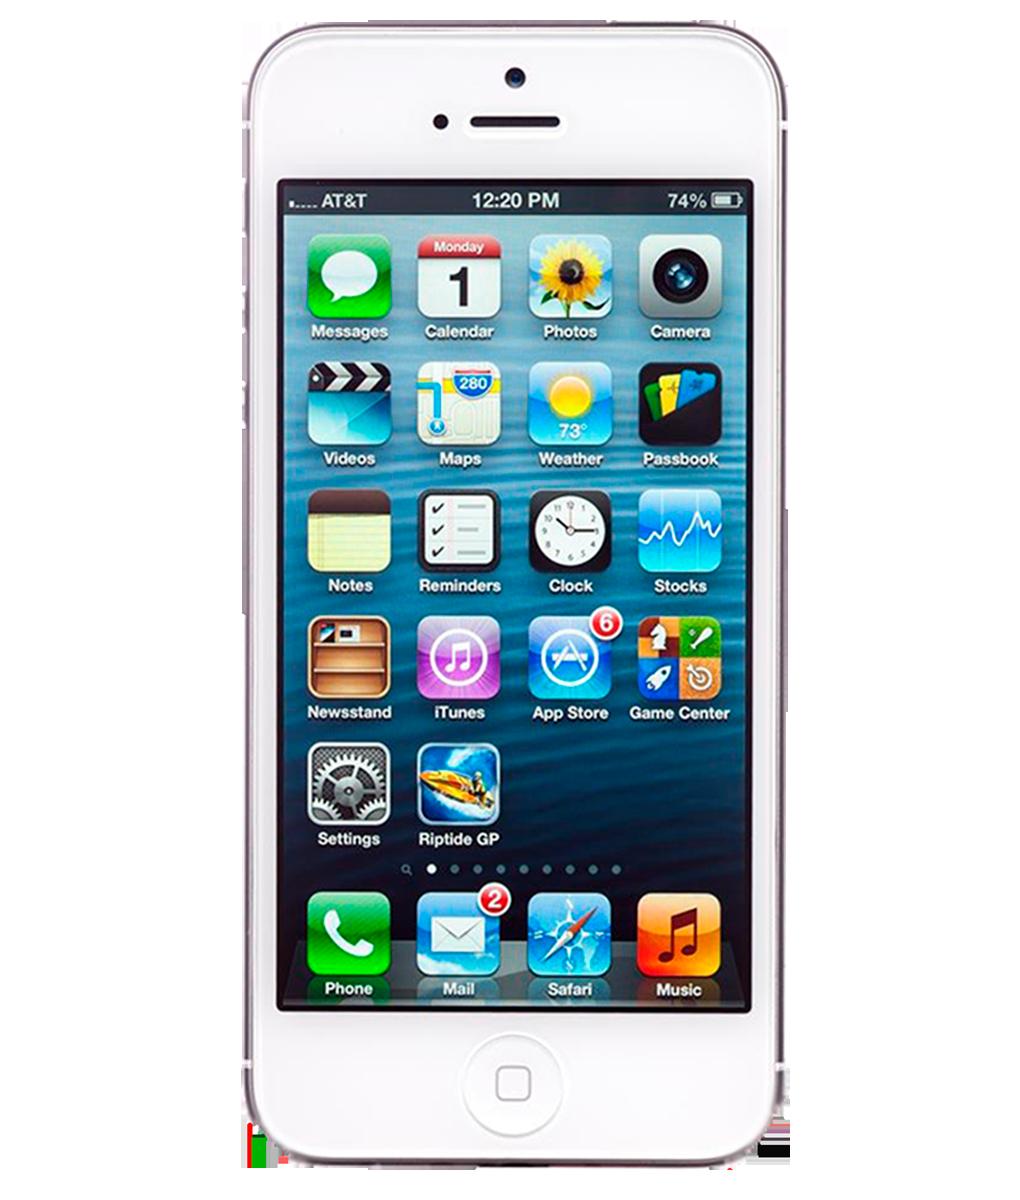 Картинки на экране айфона